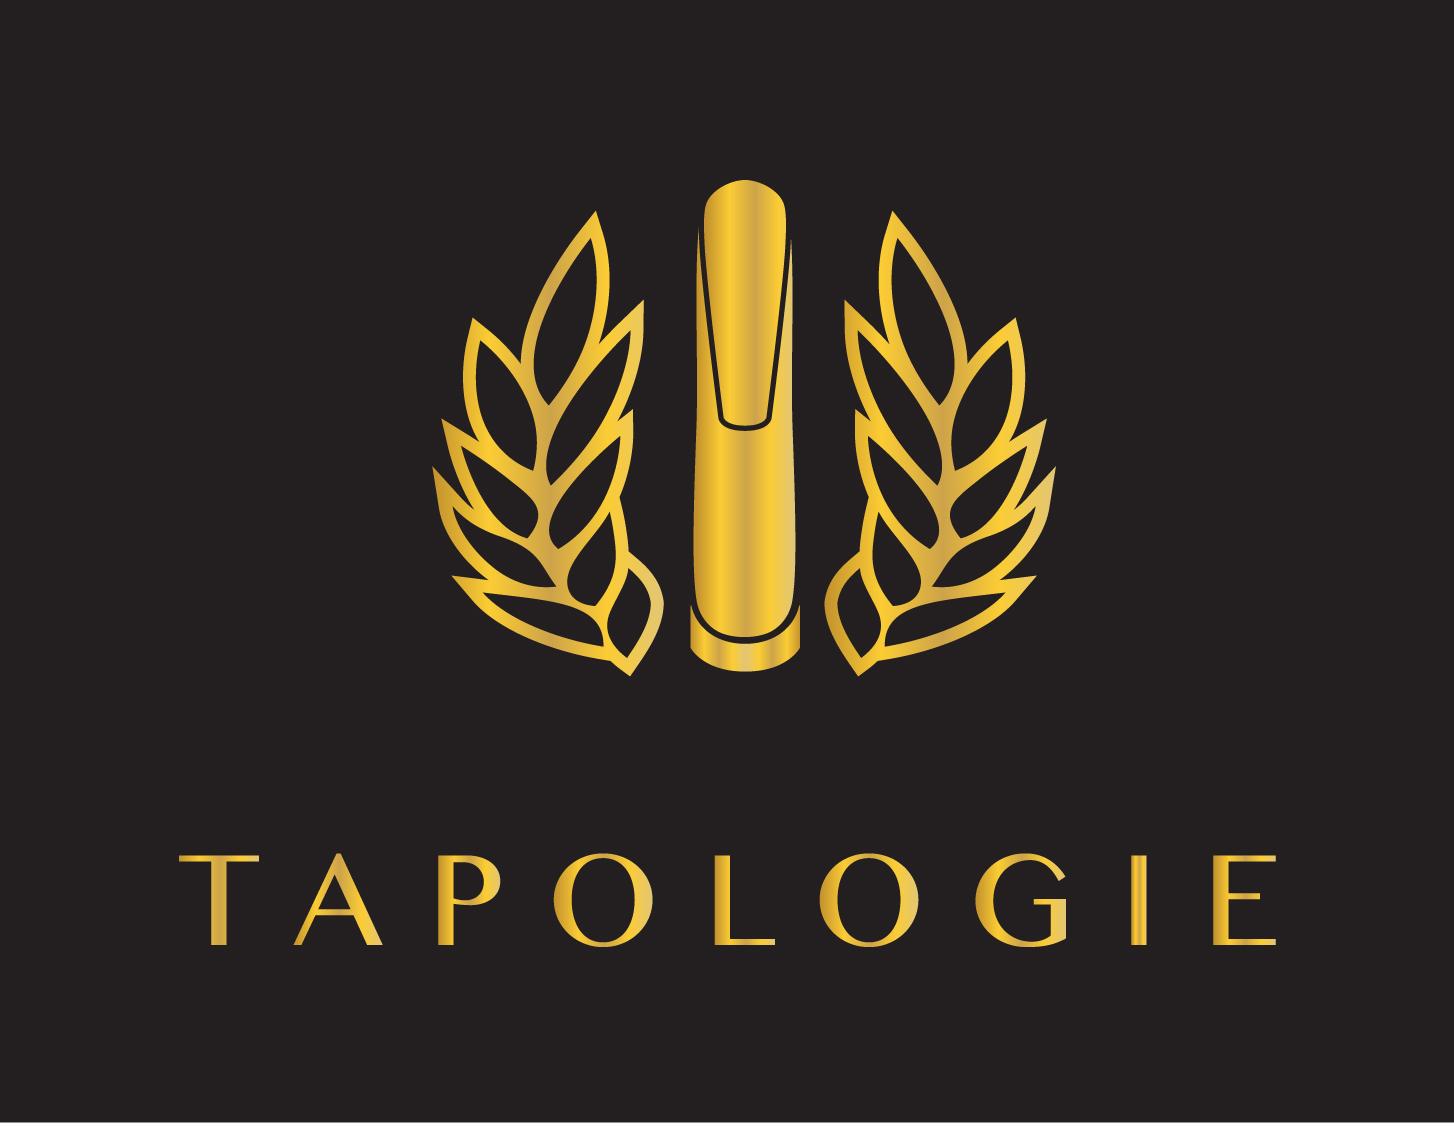 Tapologie Logo - Black